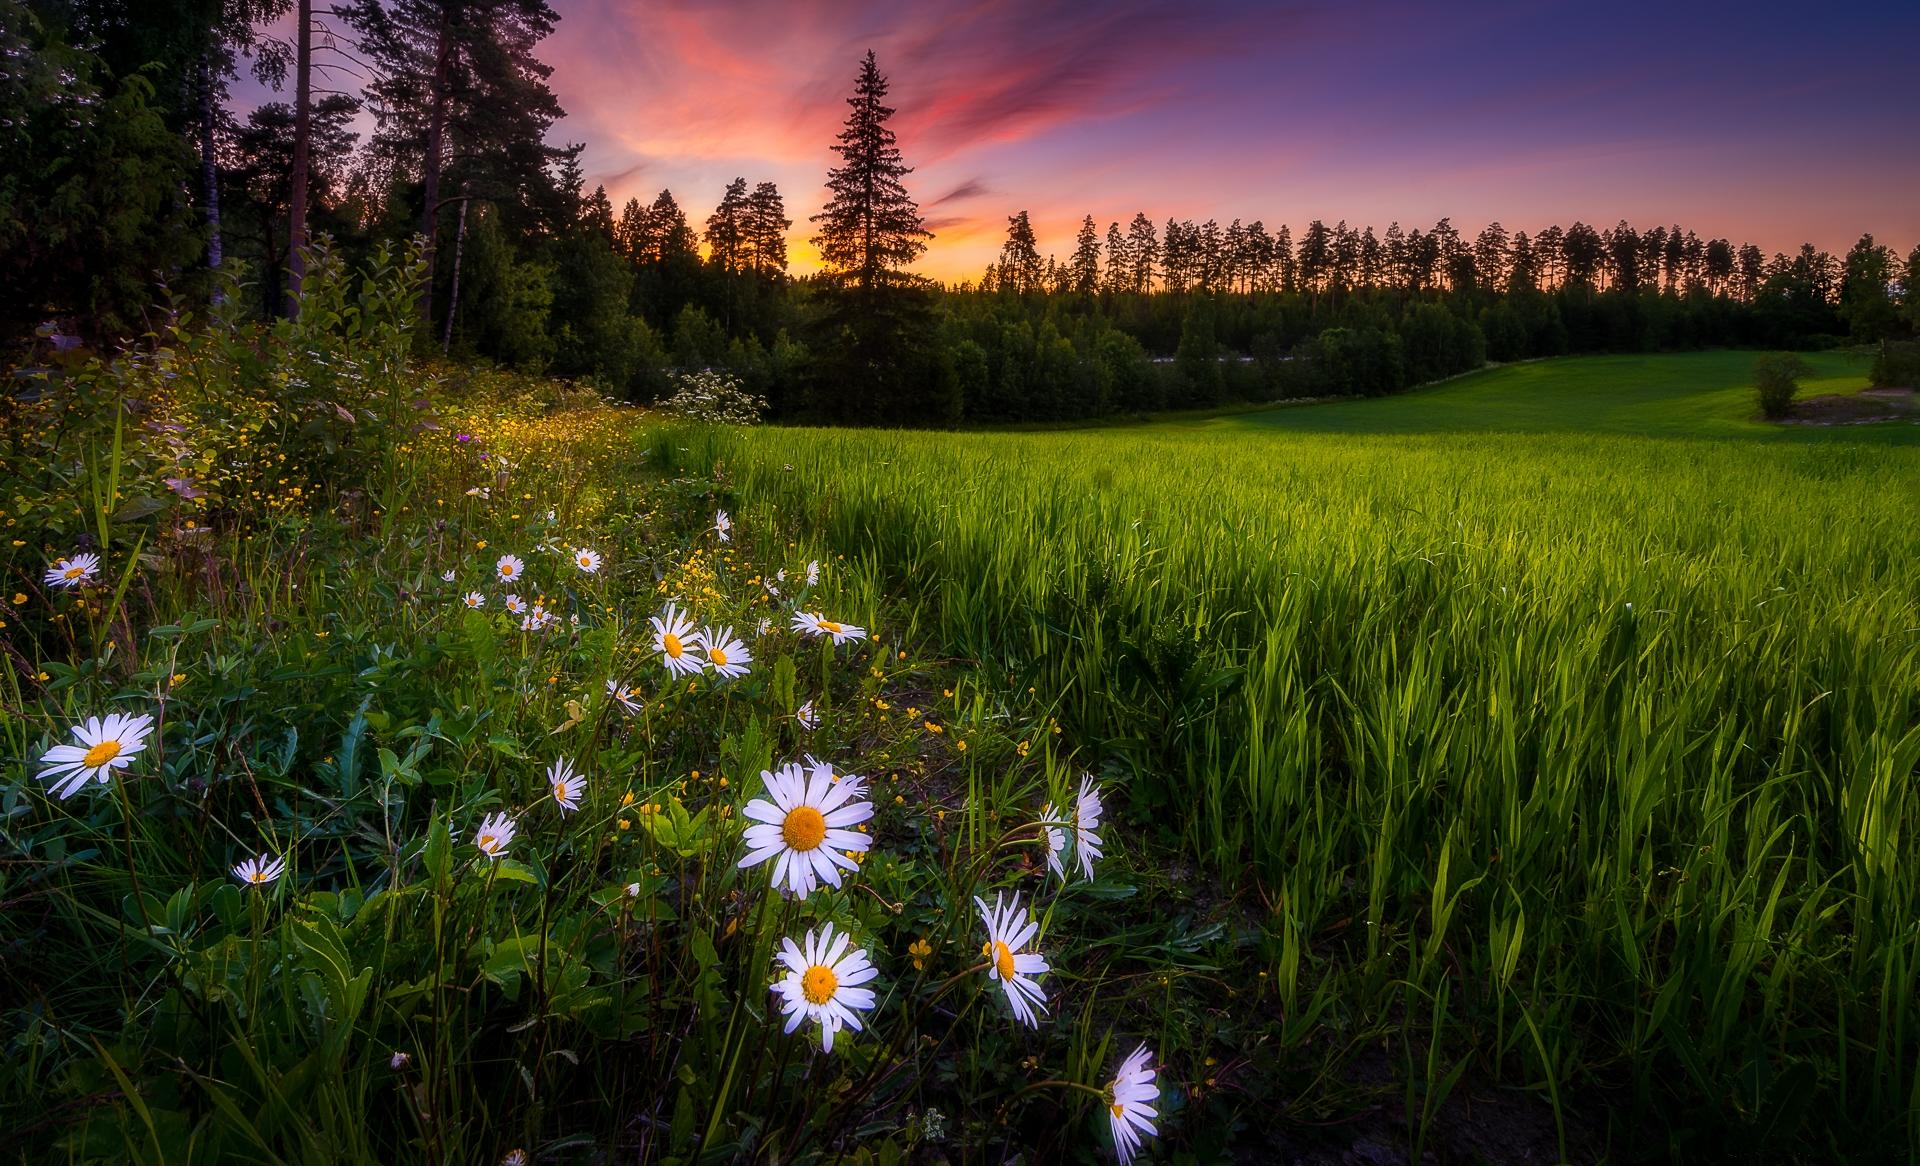 обои закат, поле, деревья, трава картинки фото